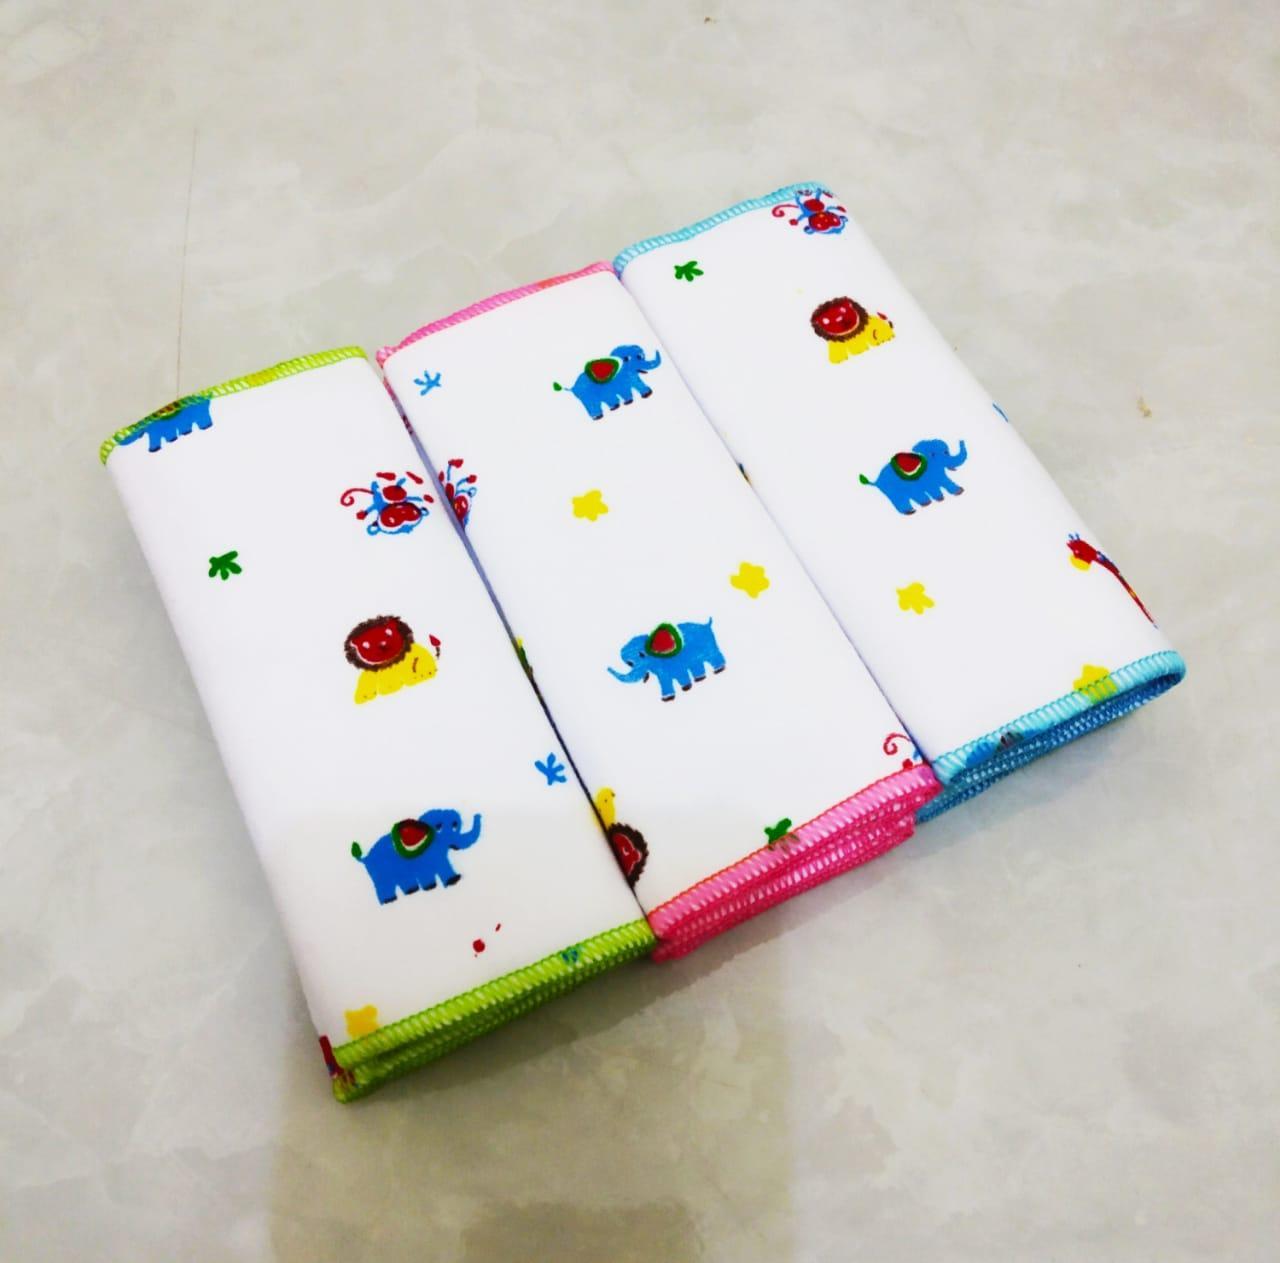 Buy Sell Cheapest Popok Bayi Motif Best Quality Product Deals Grosir 3 Pcs Handuk Kain Cuci  Pgh Th Perlengkapan Pakaian Gurita Dan Random